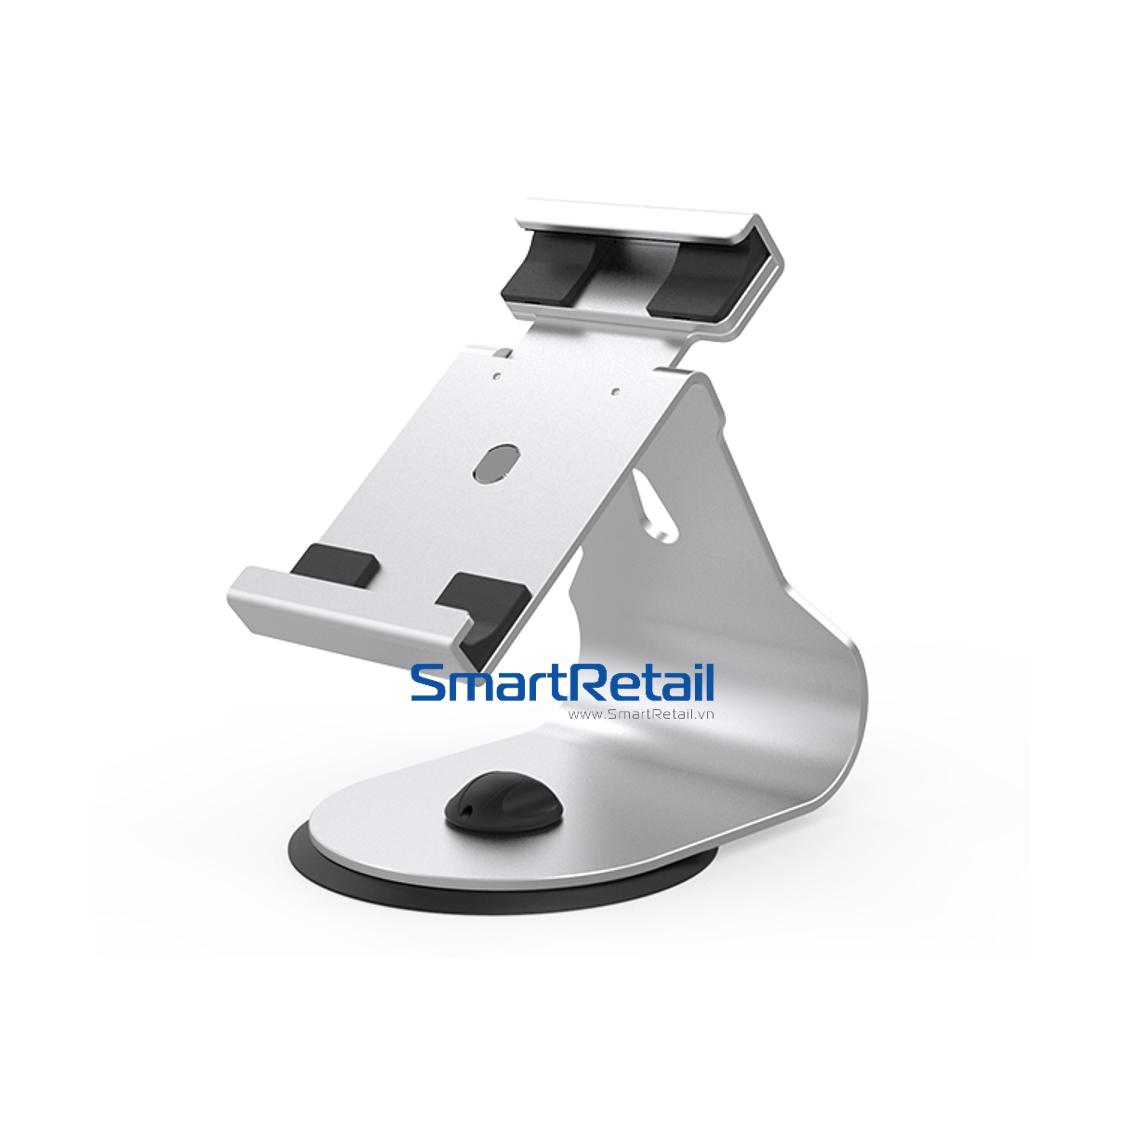 SmartRetail Thiet bi bao ve tablet SC105 4